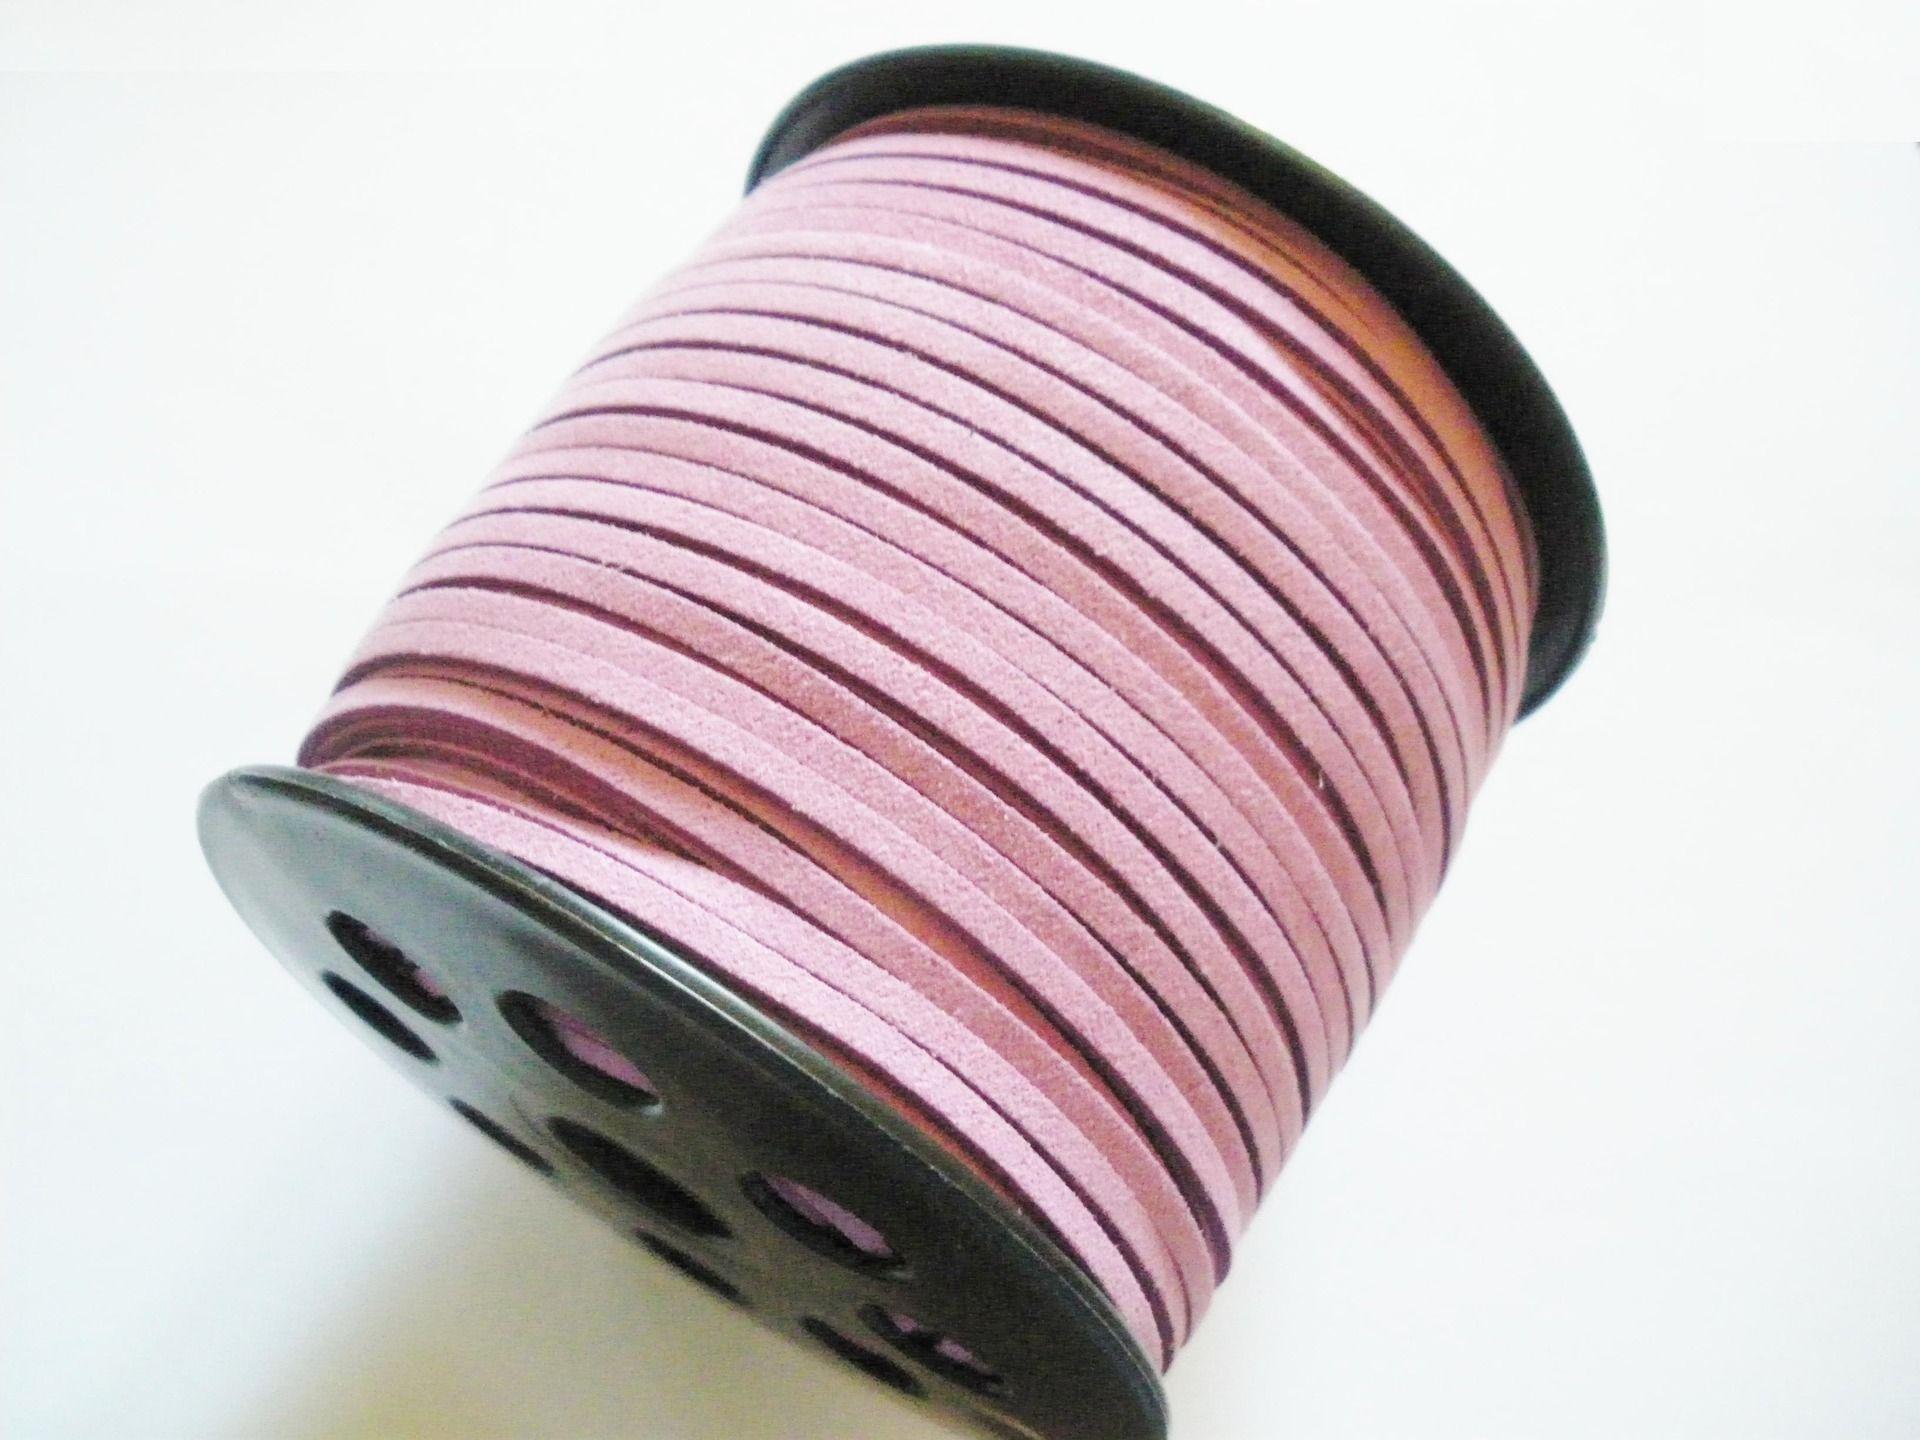 Cordon suédine violet 3 mm de large 1,5 mm d'épaisseur